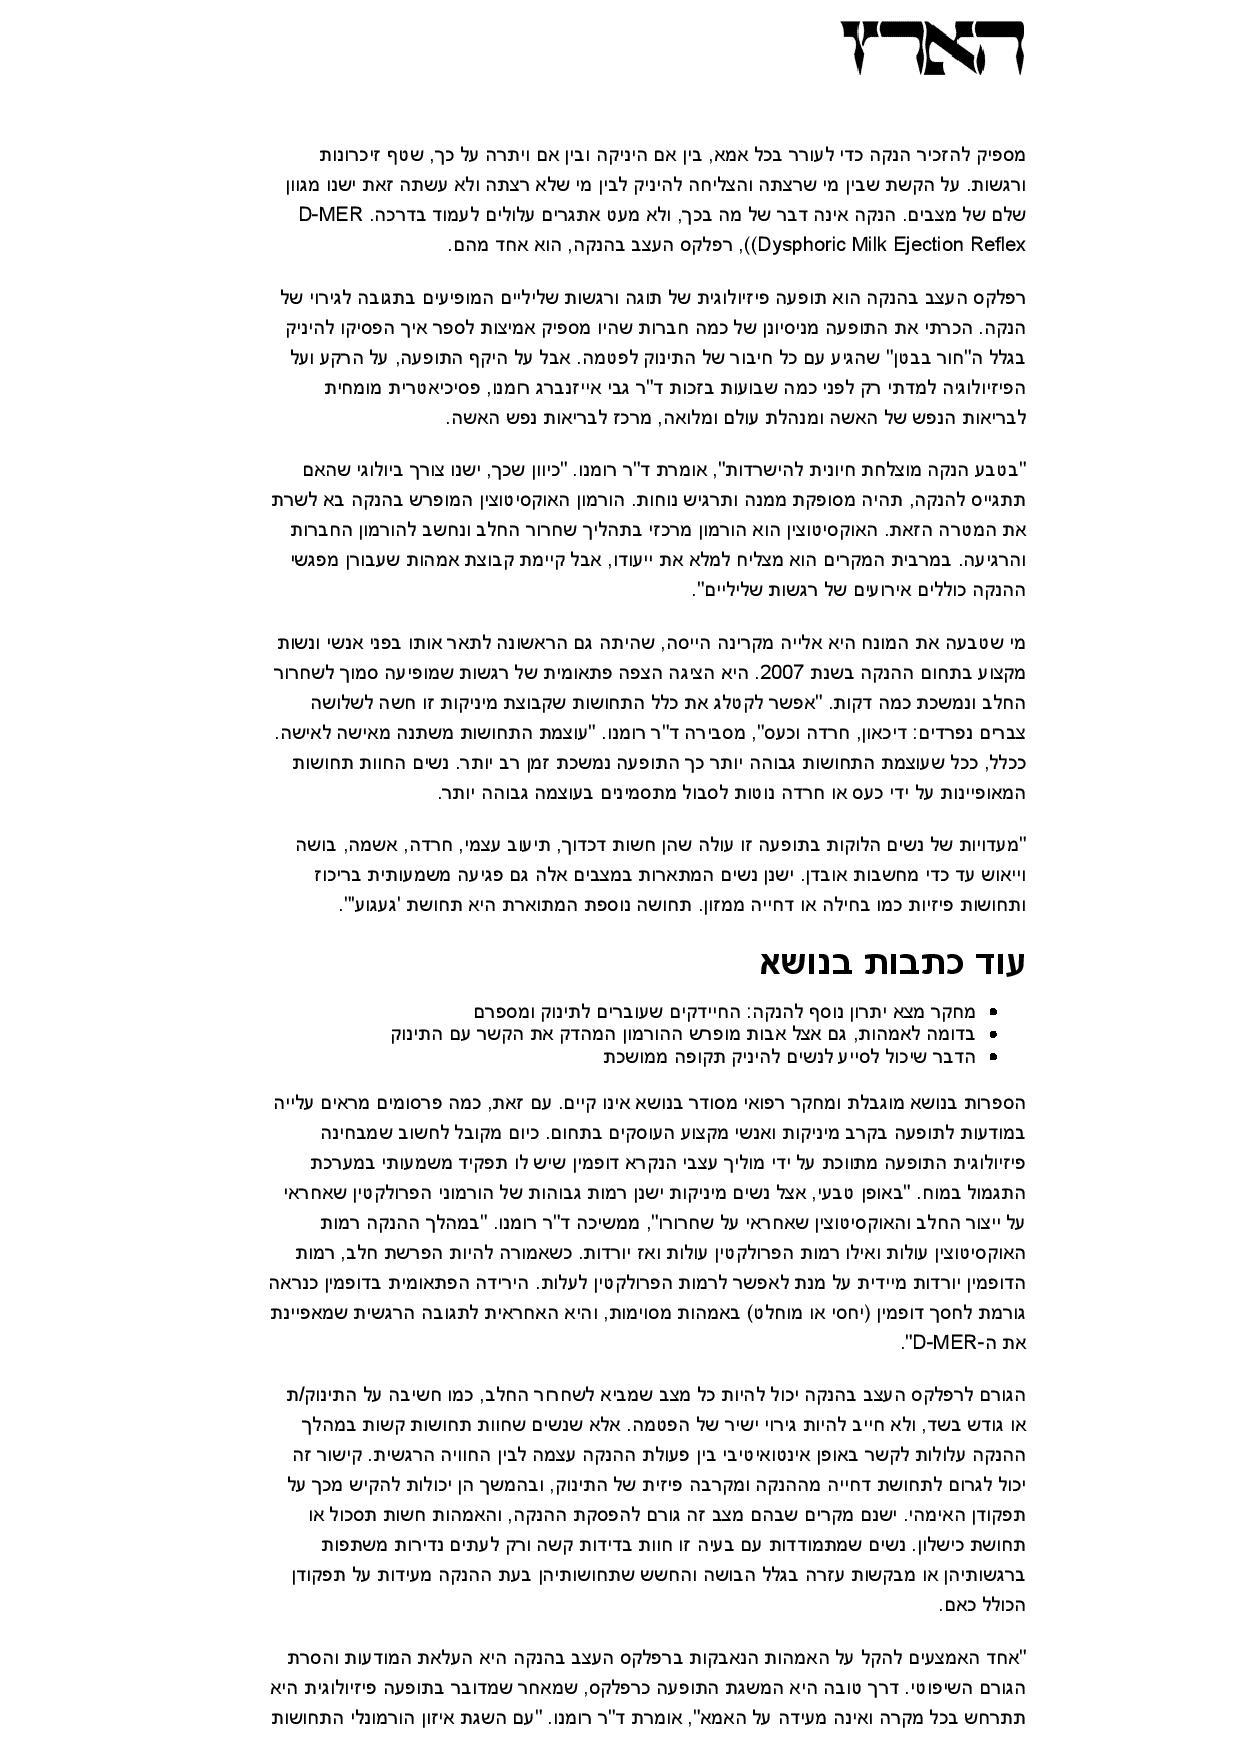 רפלקס העצב בהנקה הארץ-page-001